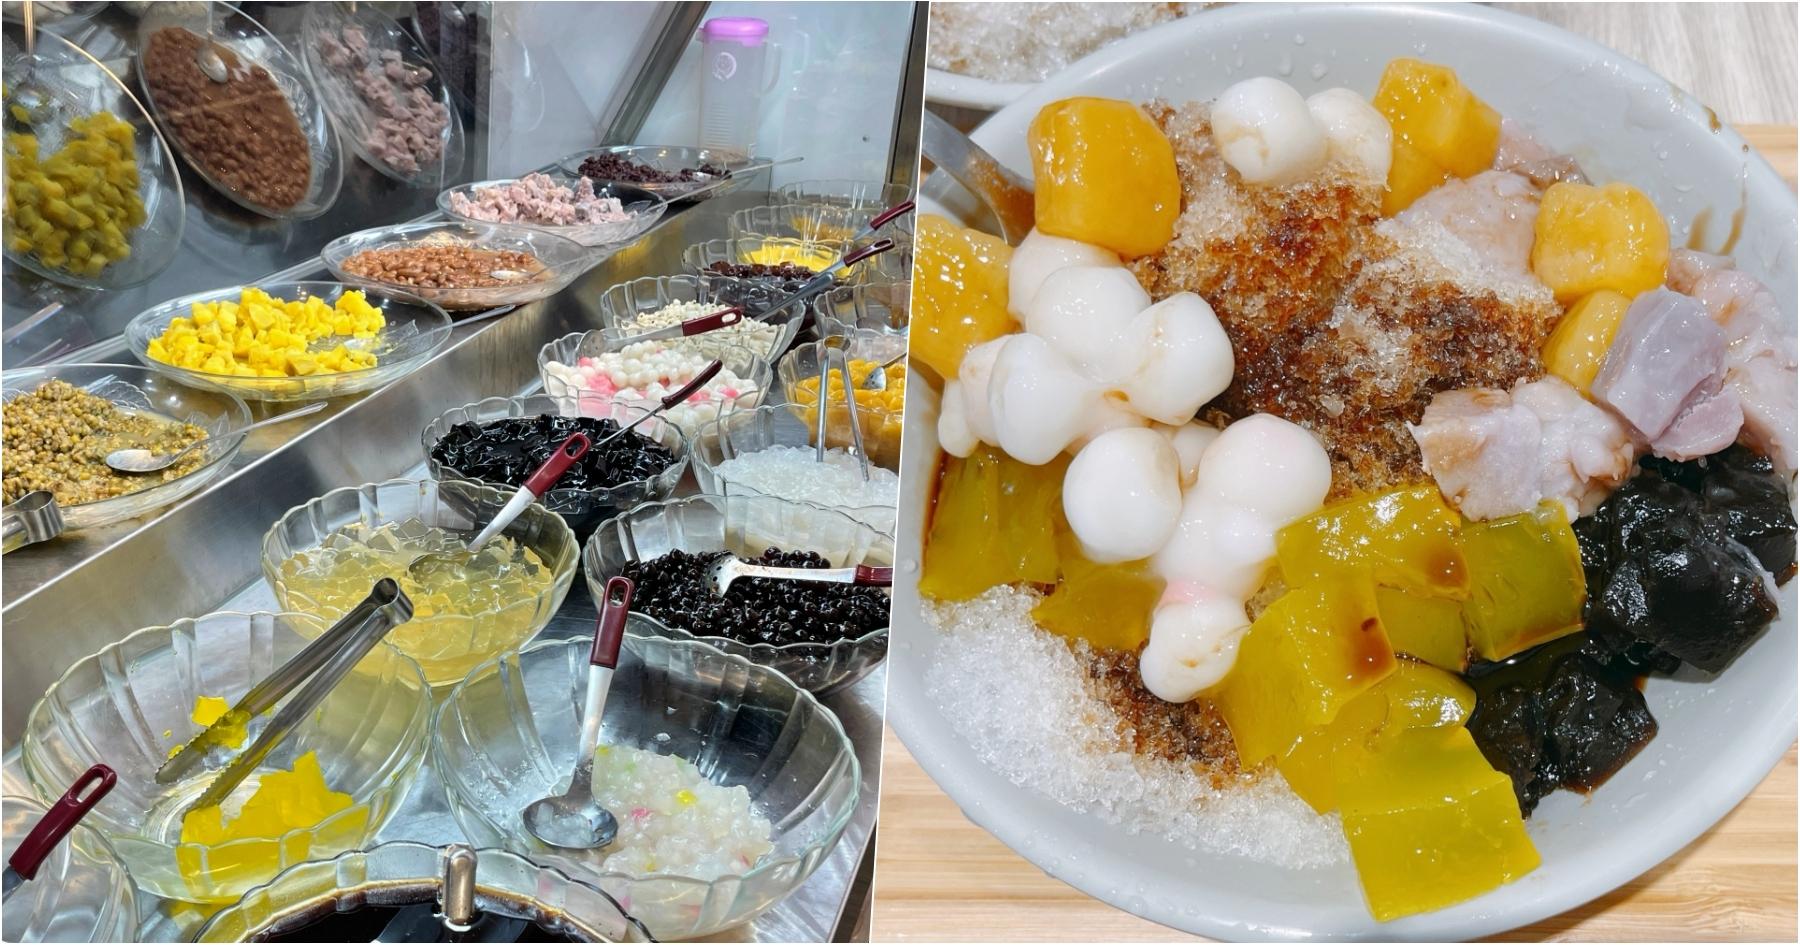 [八德.美食]IL Giardino 義大利花園冰淇淋.近八德市公所~使用『花蓮吉蒸鮮奶』.每日限量口味.充滿驚喜的感受 @VIVIYU小世界